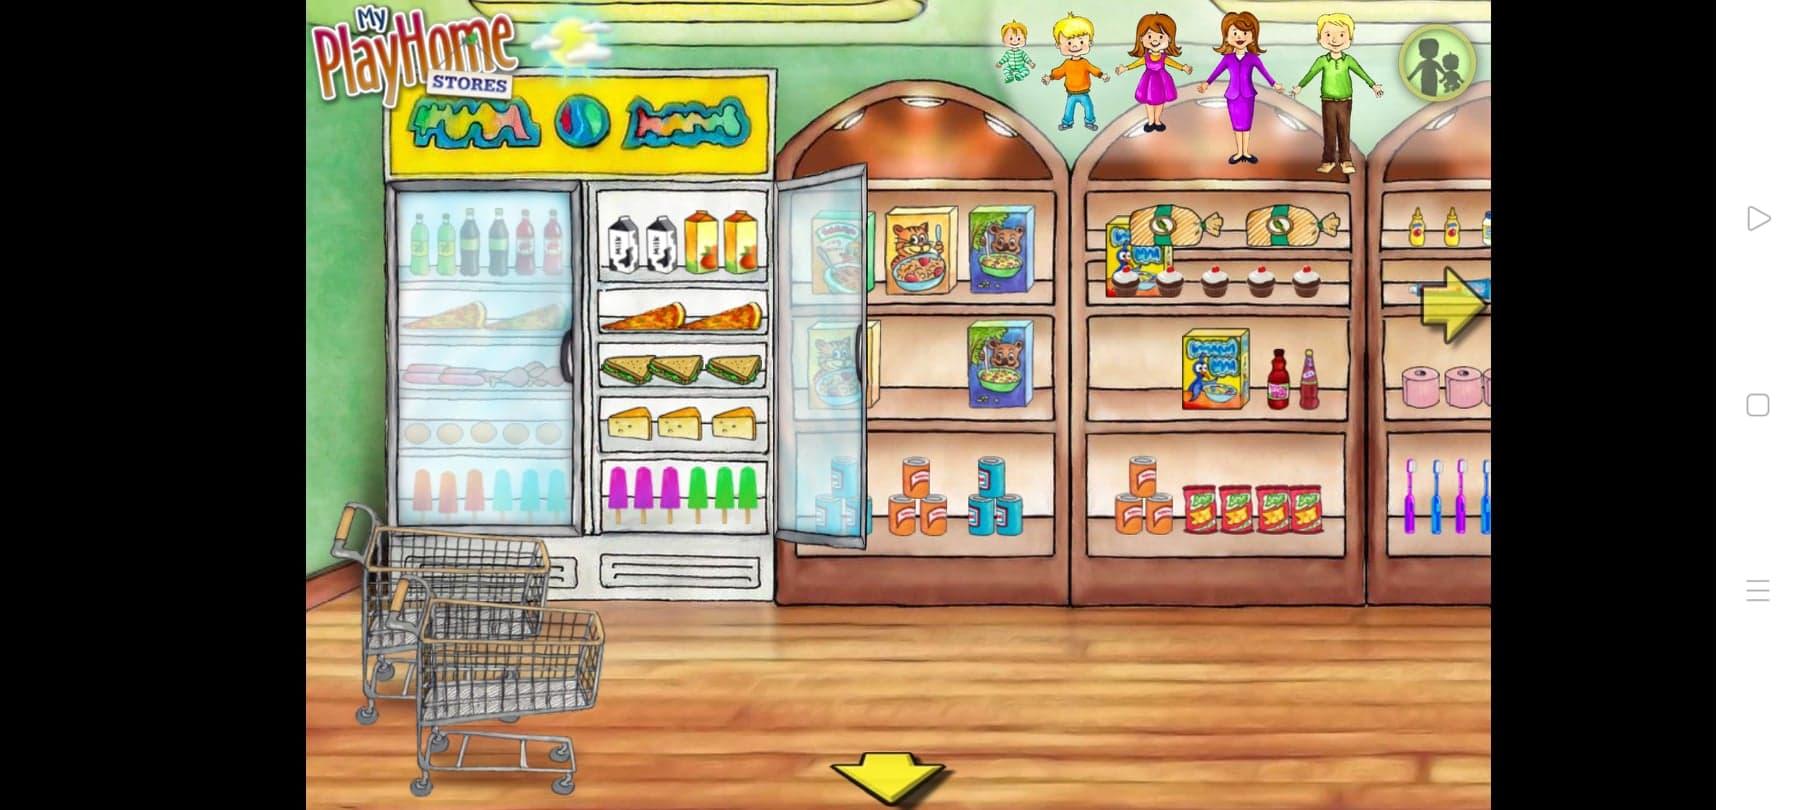 ماي بلاي هوم السوق 5 تحميل ماي بلاي هوم السوق للاندرويد My Play Home Store